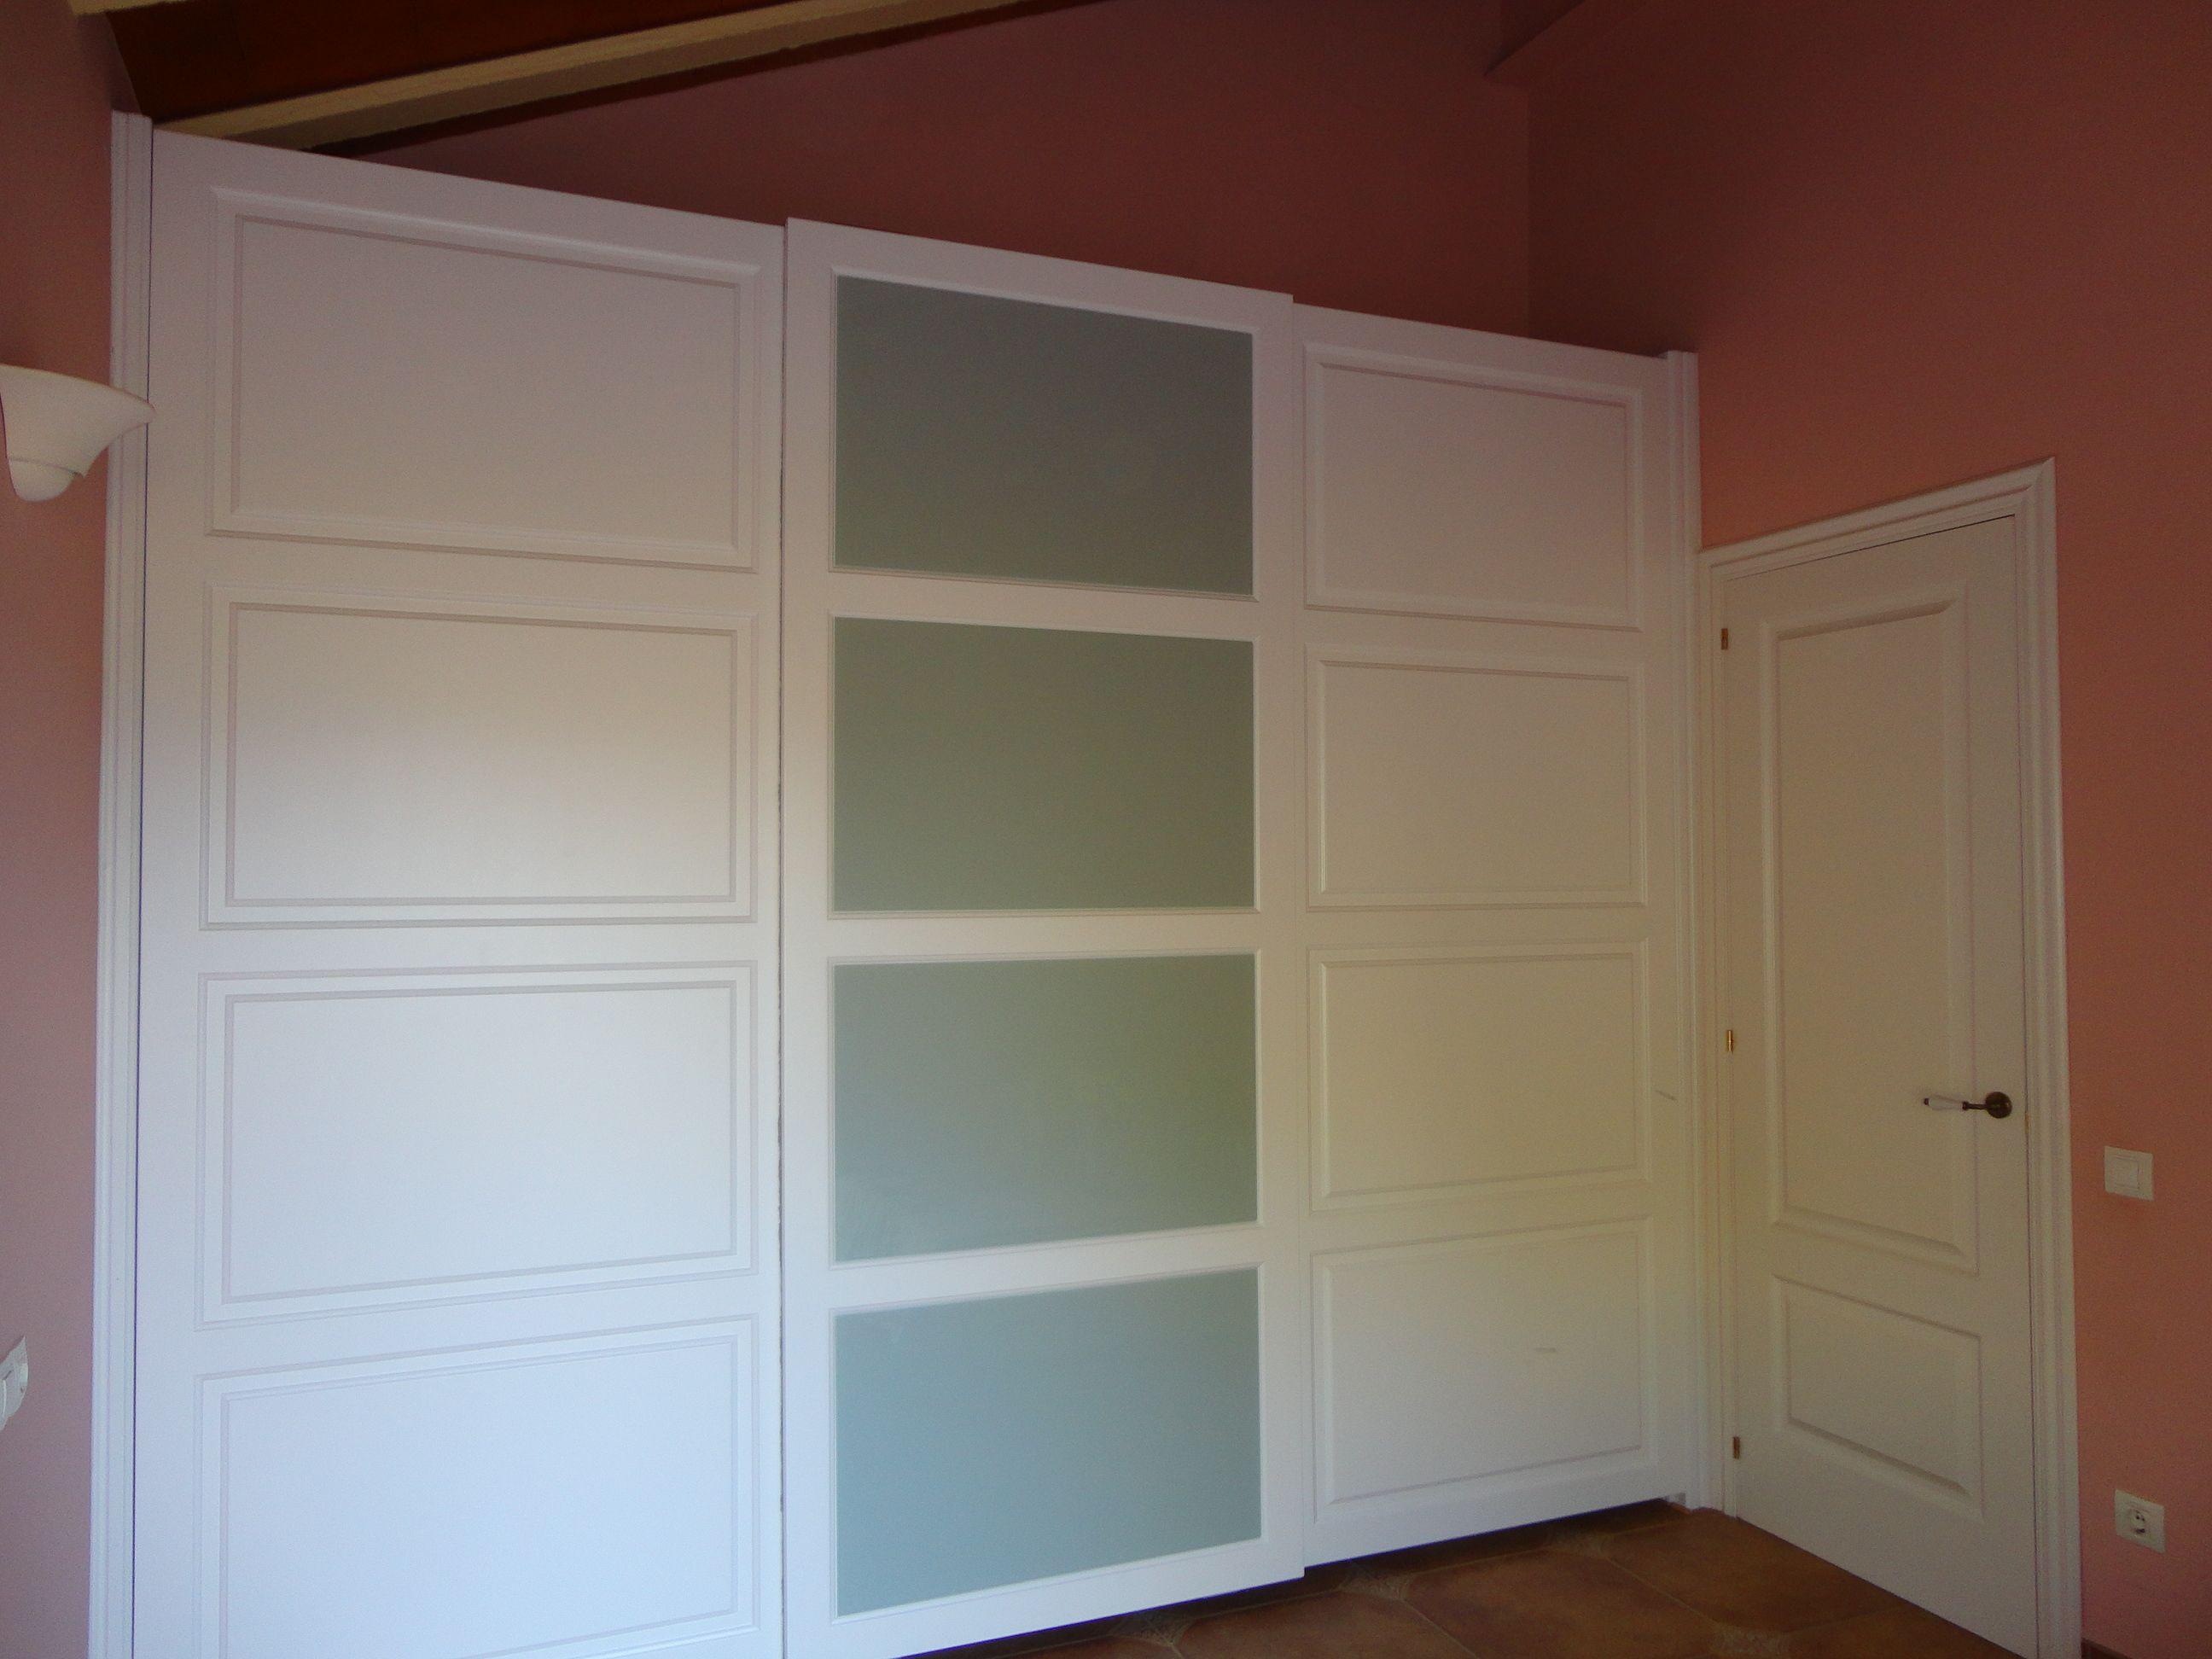 Armario corredero de guia oculta con puertas en plafon for Puertas correderas de cristal